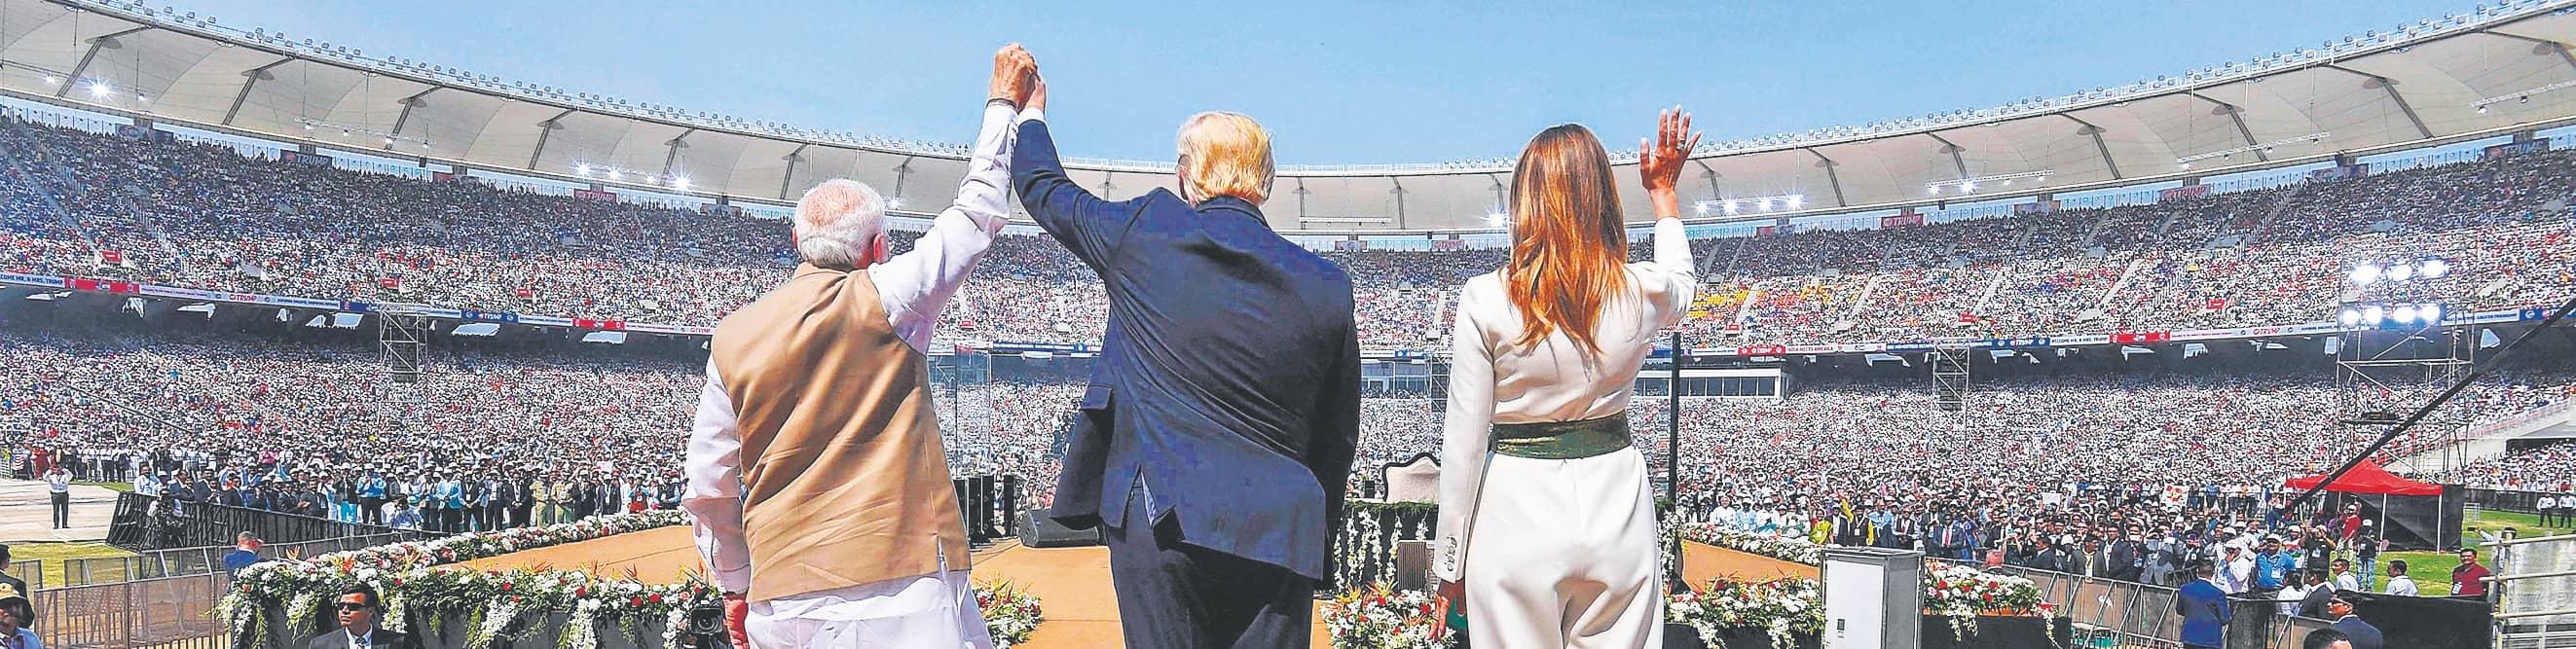 Big-Ticket Defence Deals Today, Reveals Trump